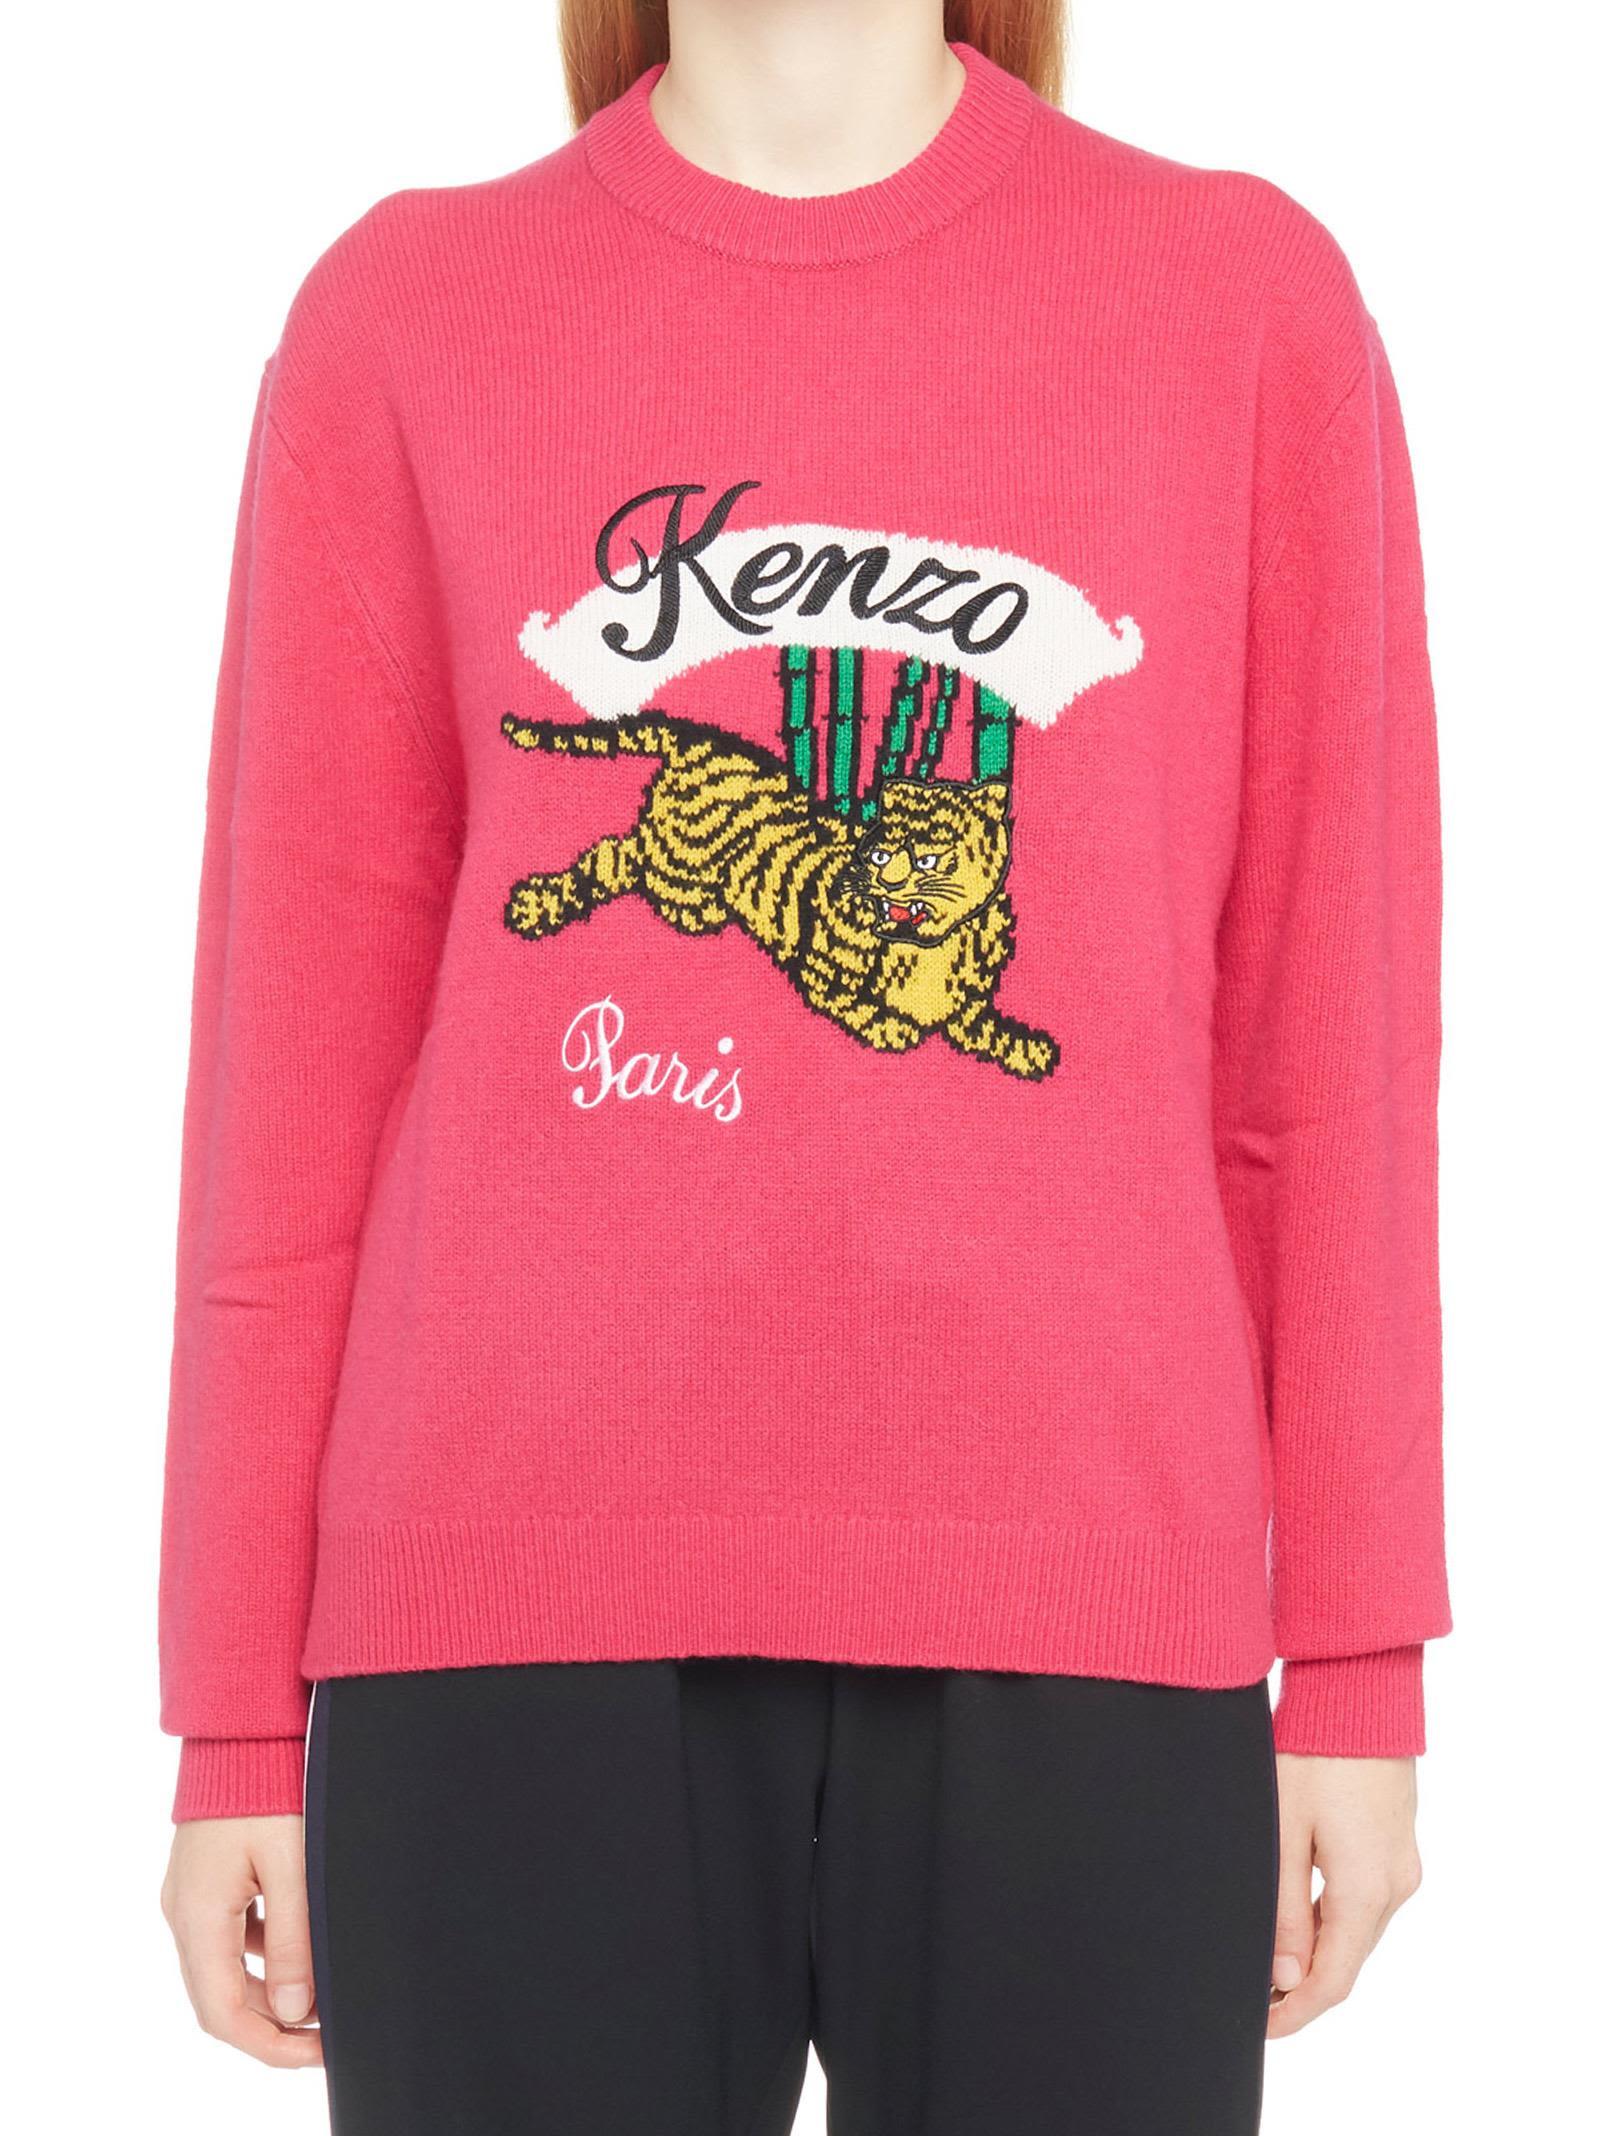 'Jumping Tiger' Sweater in Fuchsia